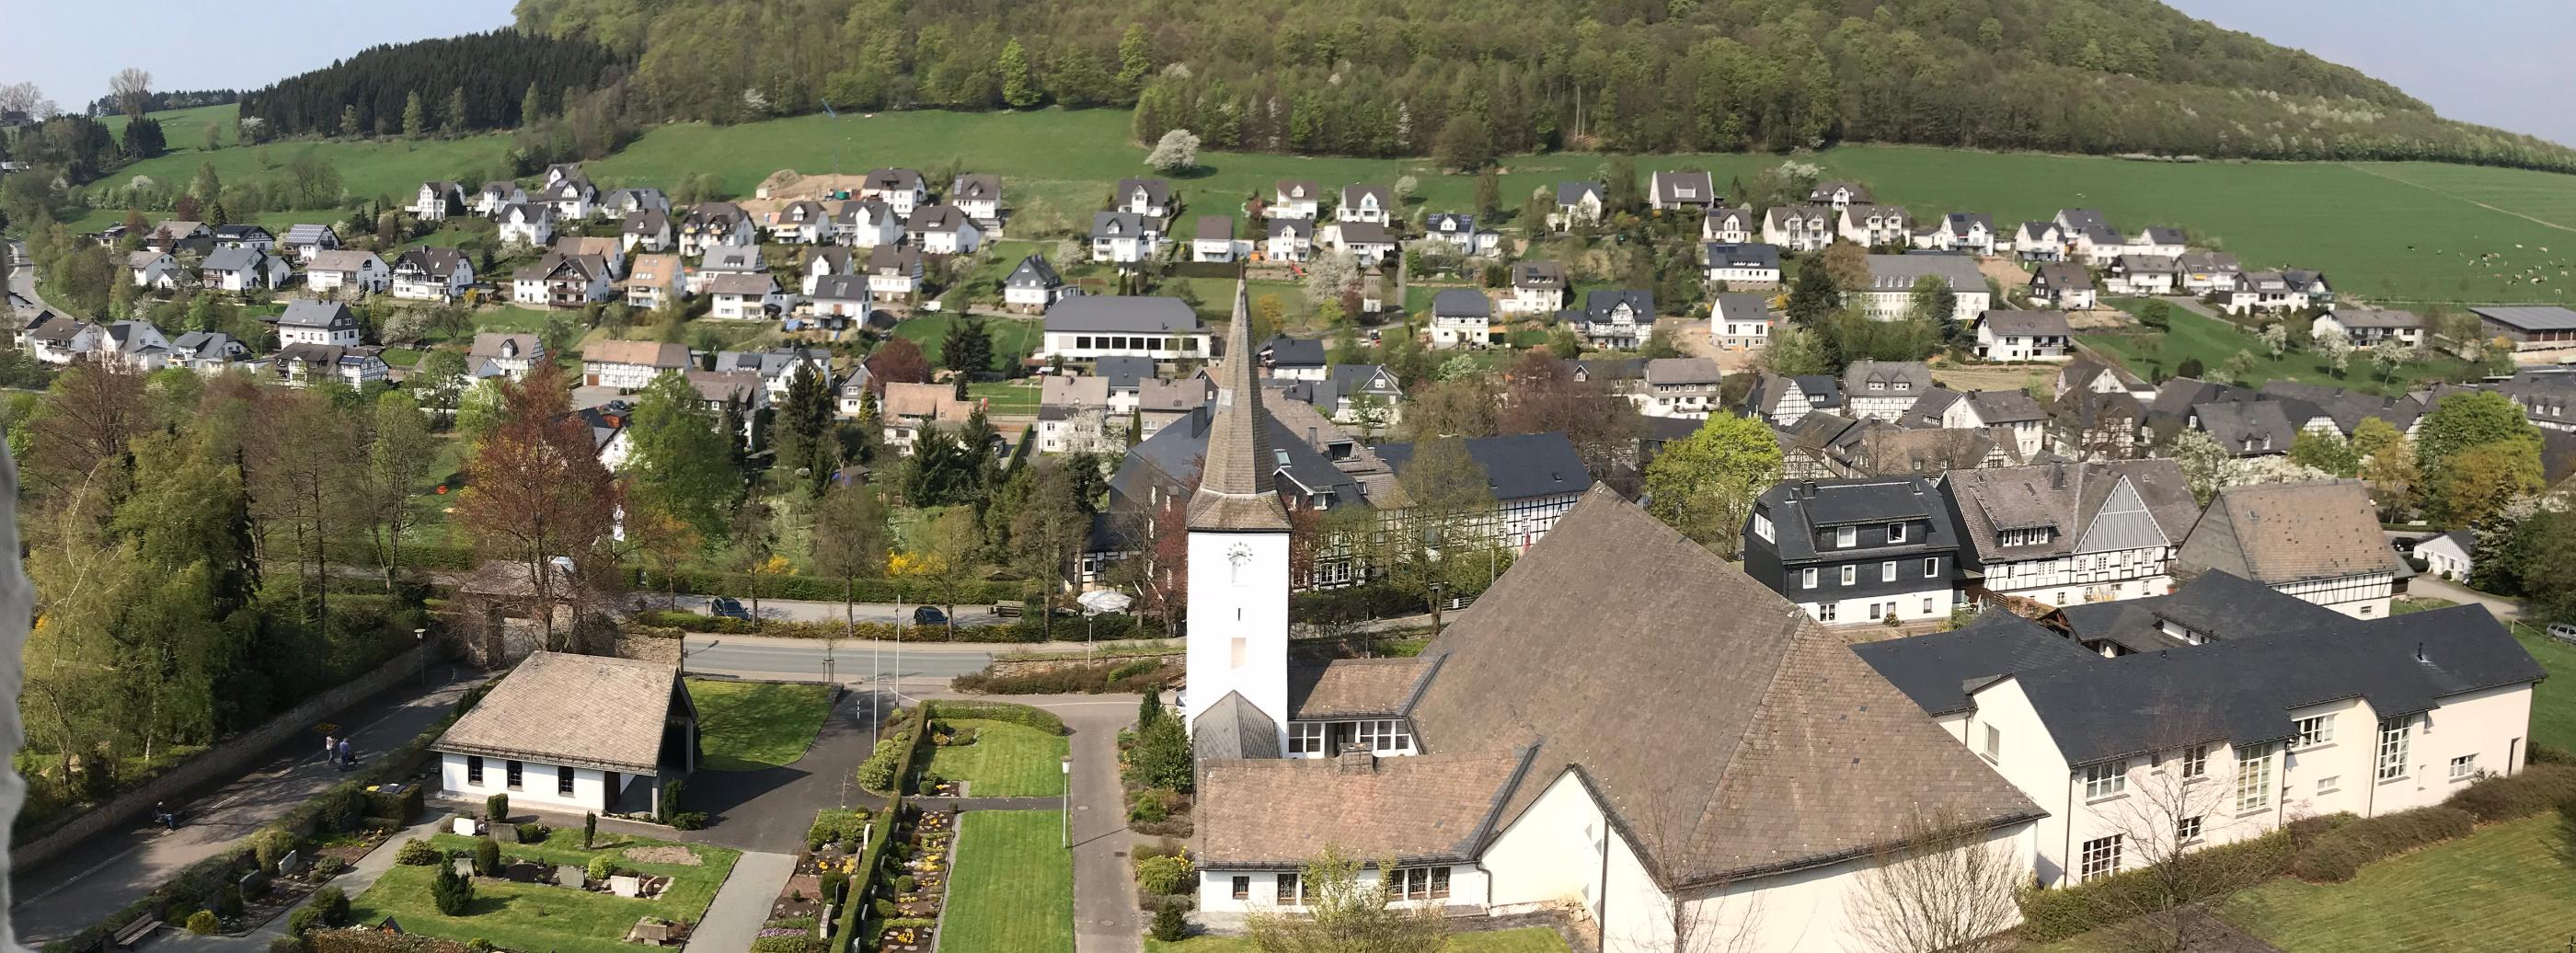 Pfarrgemeinde St. Georg Grafschaft